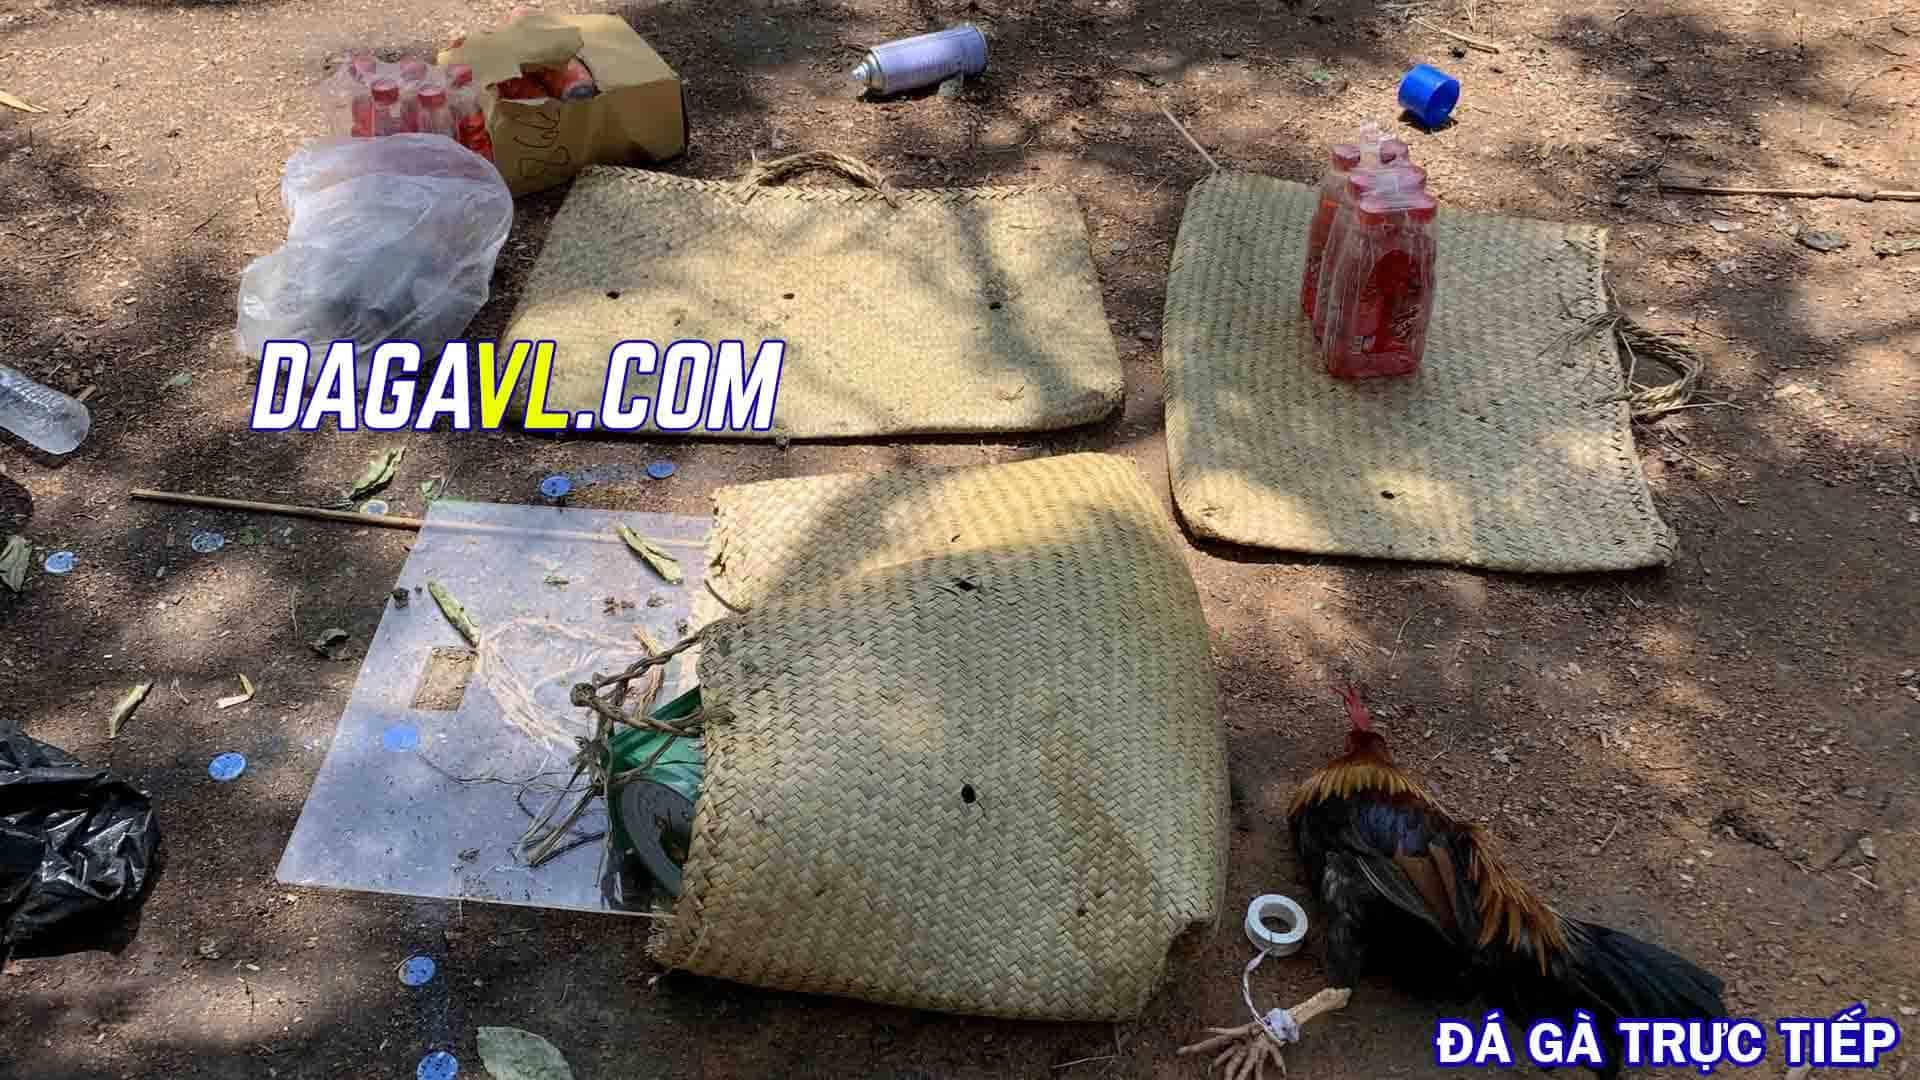 DAGAVL.COM - Bắt 15 đối tượng đá gà ăn tiền tại Gò Công Đông